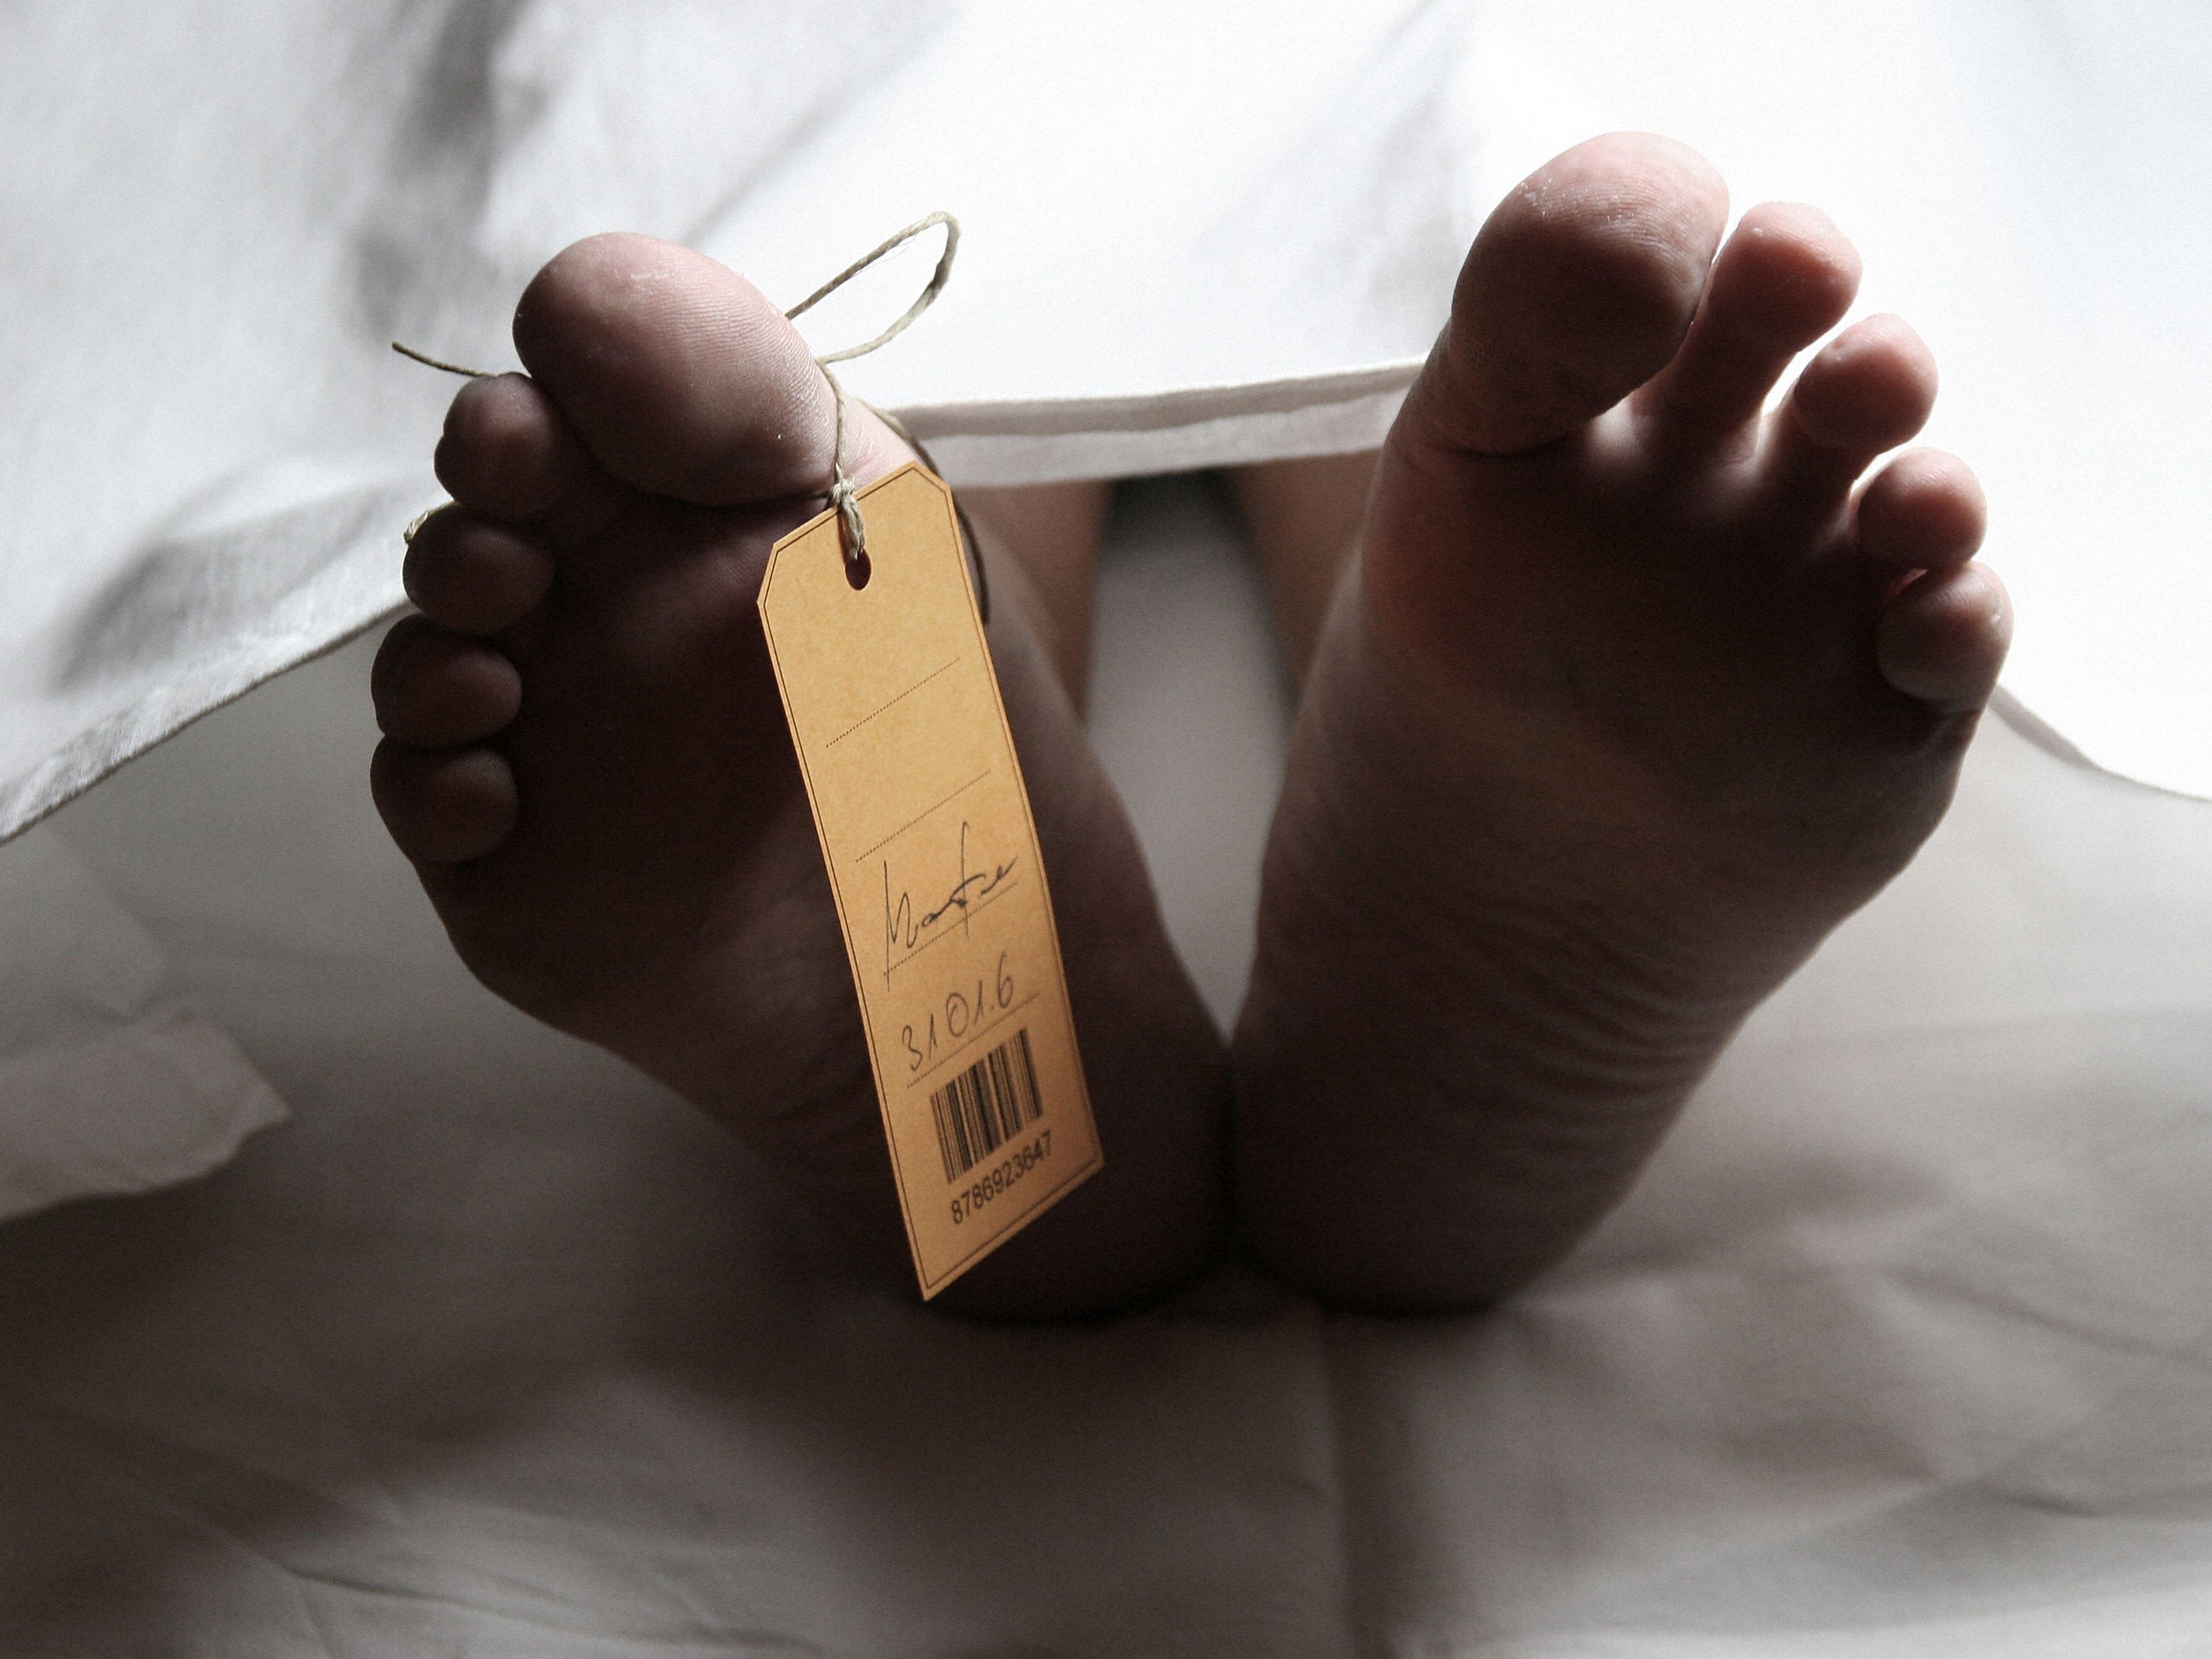 Eine 52-jährige Frau wurde am Montag tot in ihrer Wohnung aufgefunden.